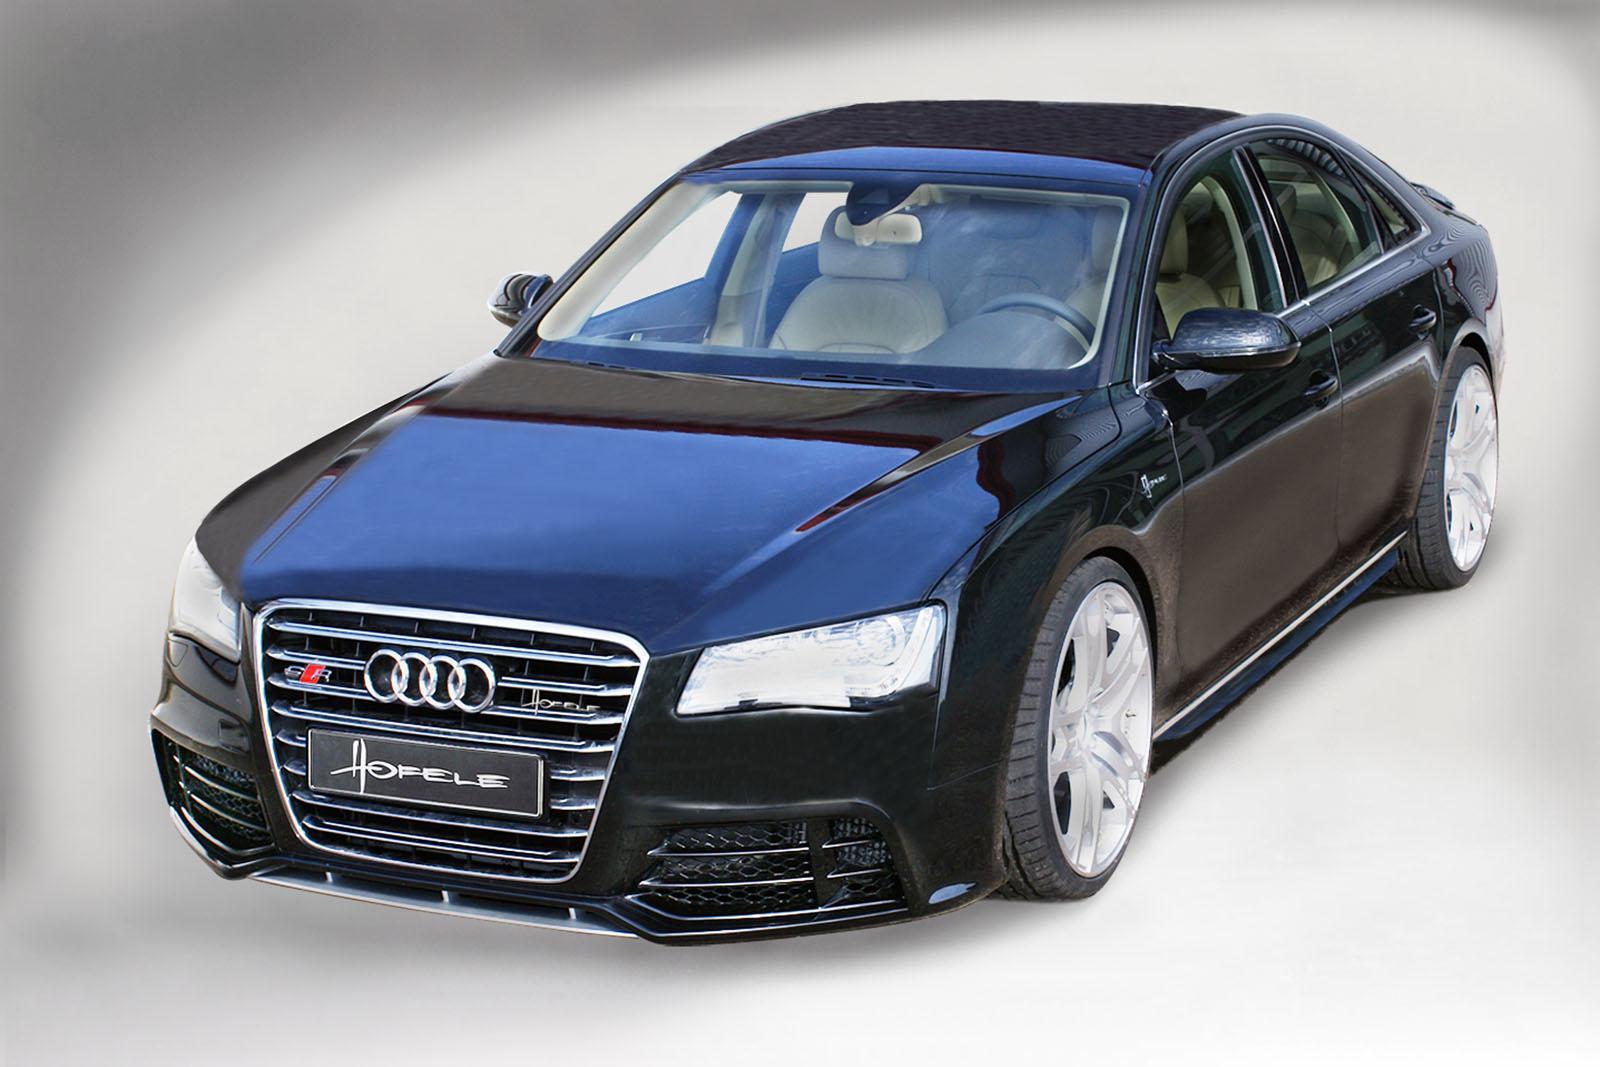 Hofele Design Audi SR 8 - Picture 59747